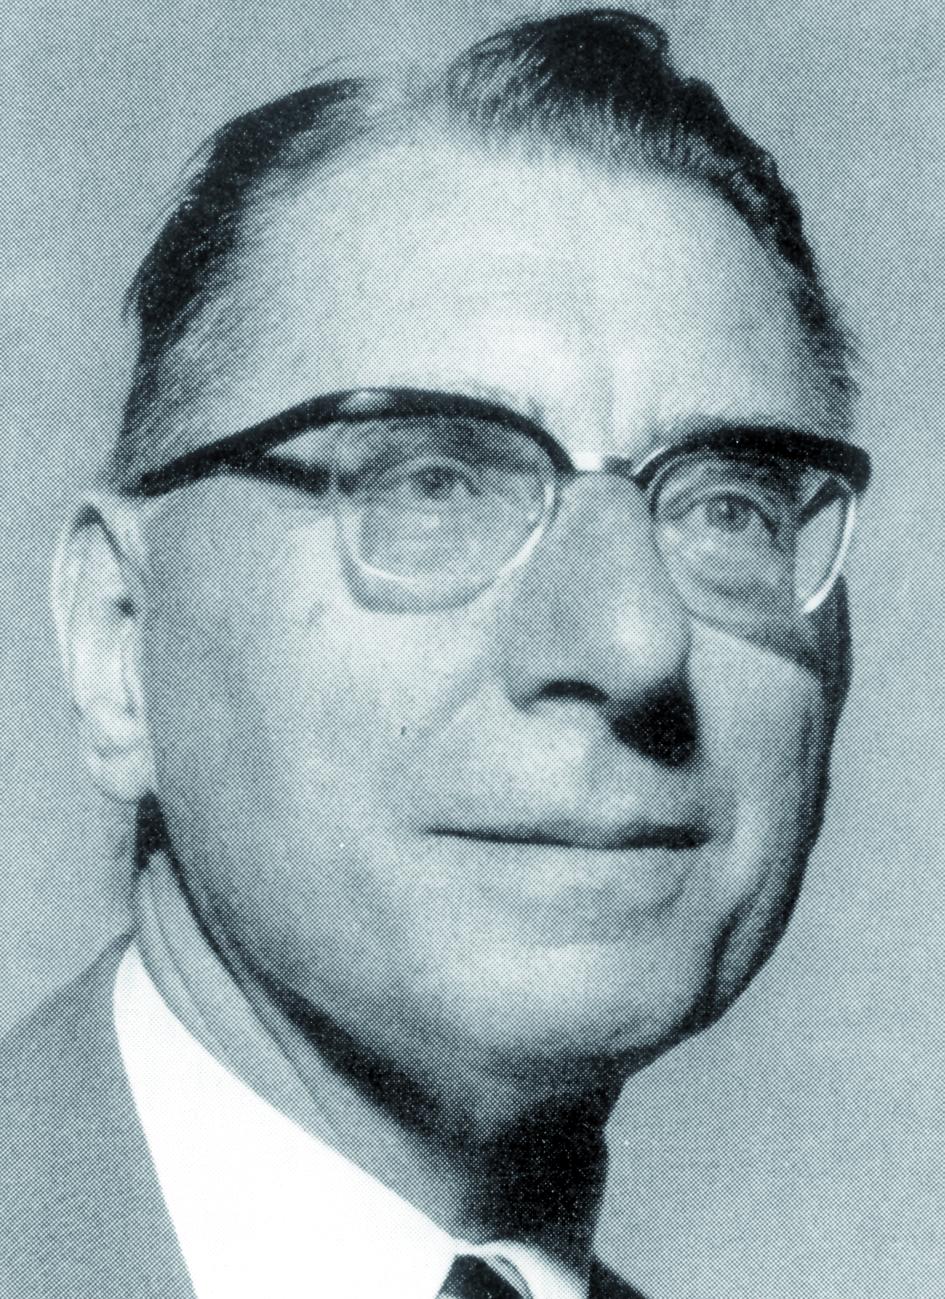 Portraitfoto von Herrn Hanns Langendorf.